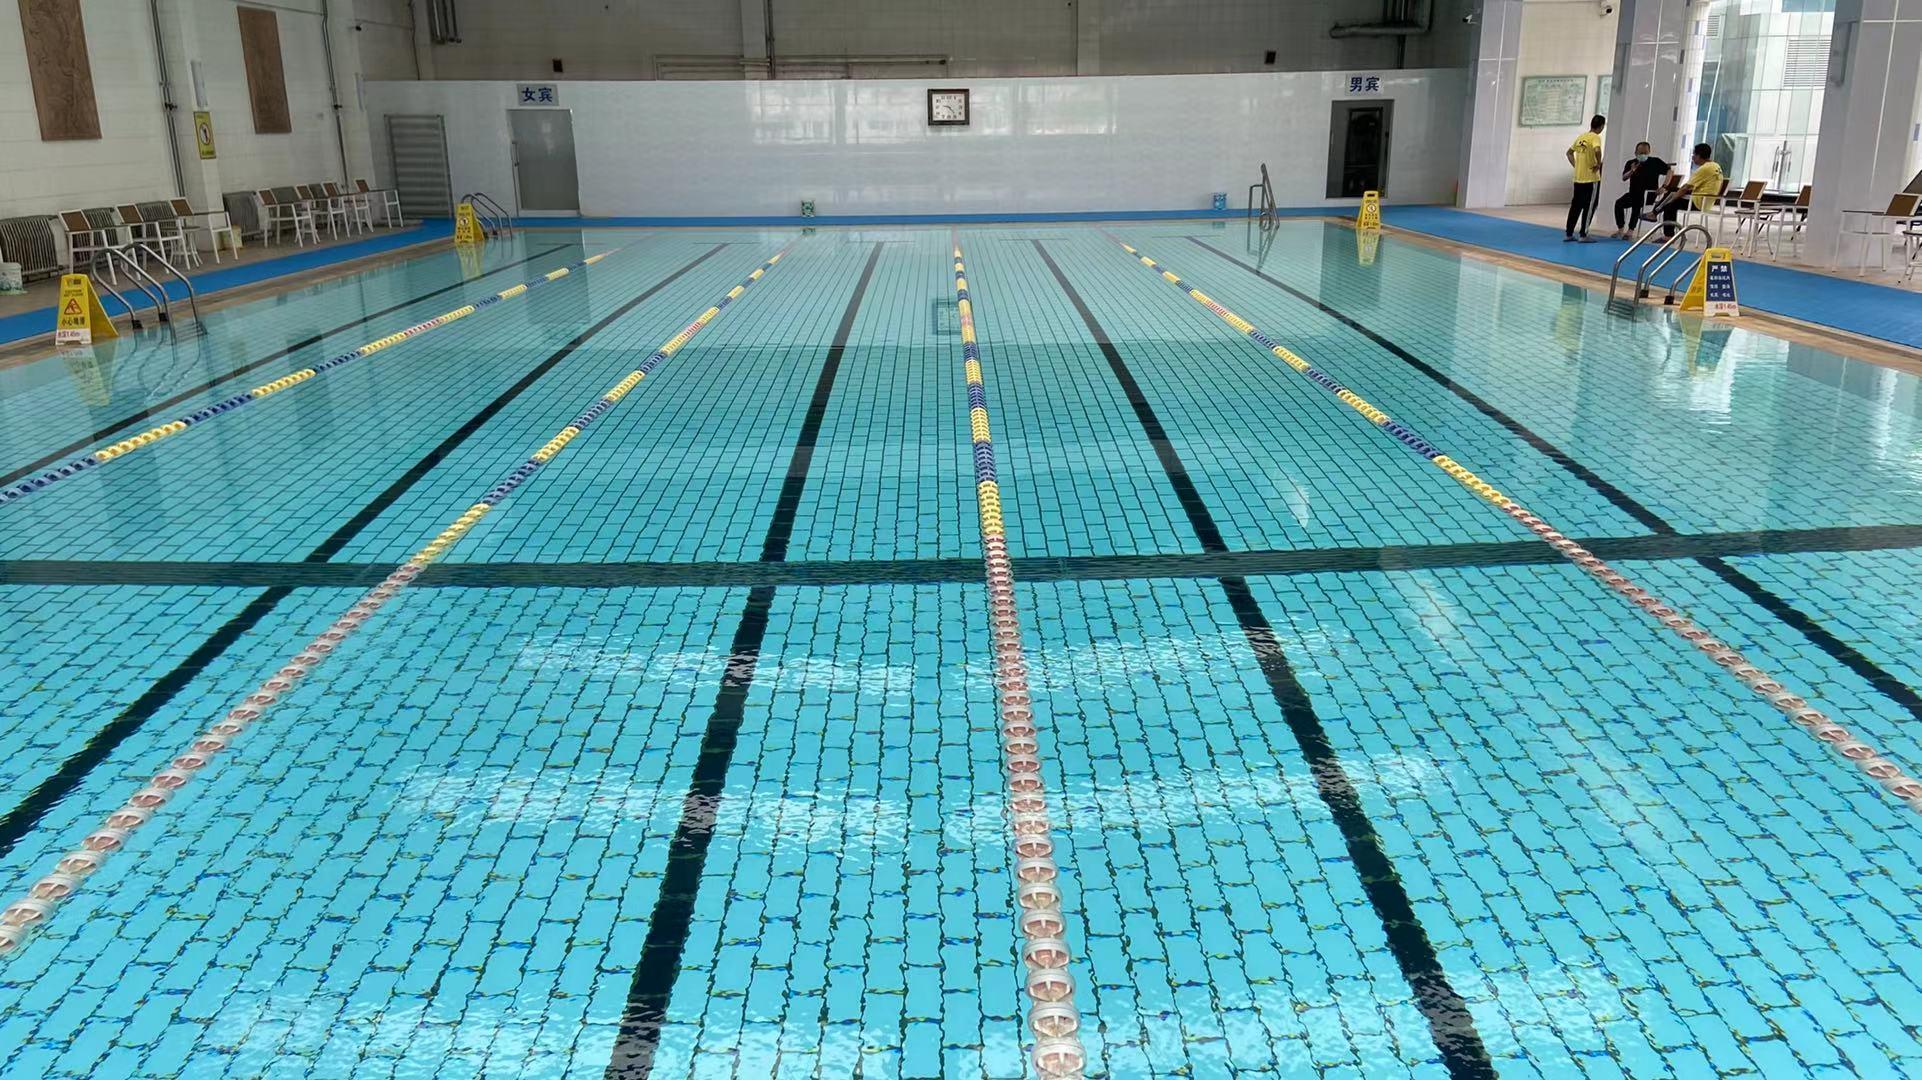 石家庄市老干部活动中心泳池